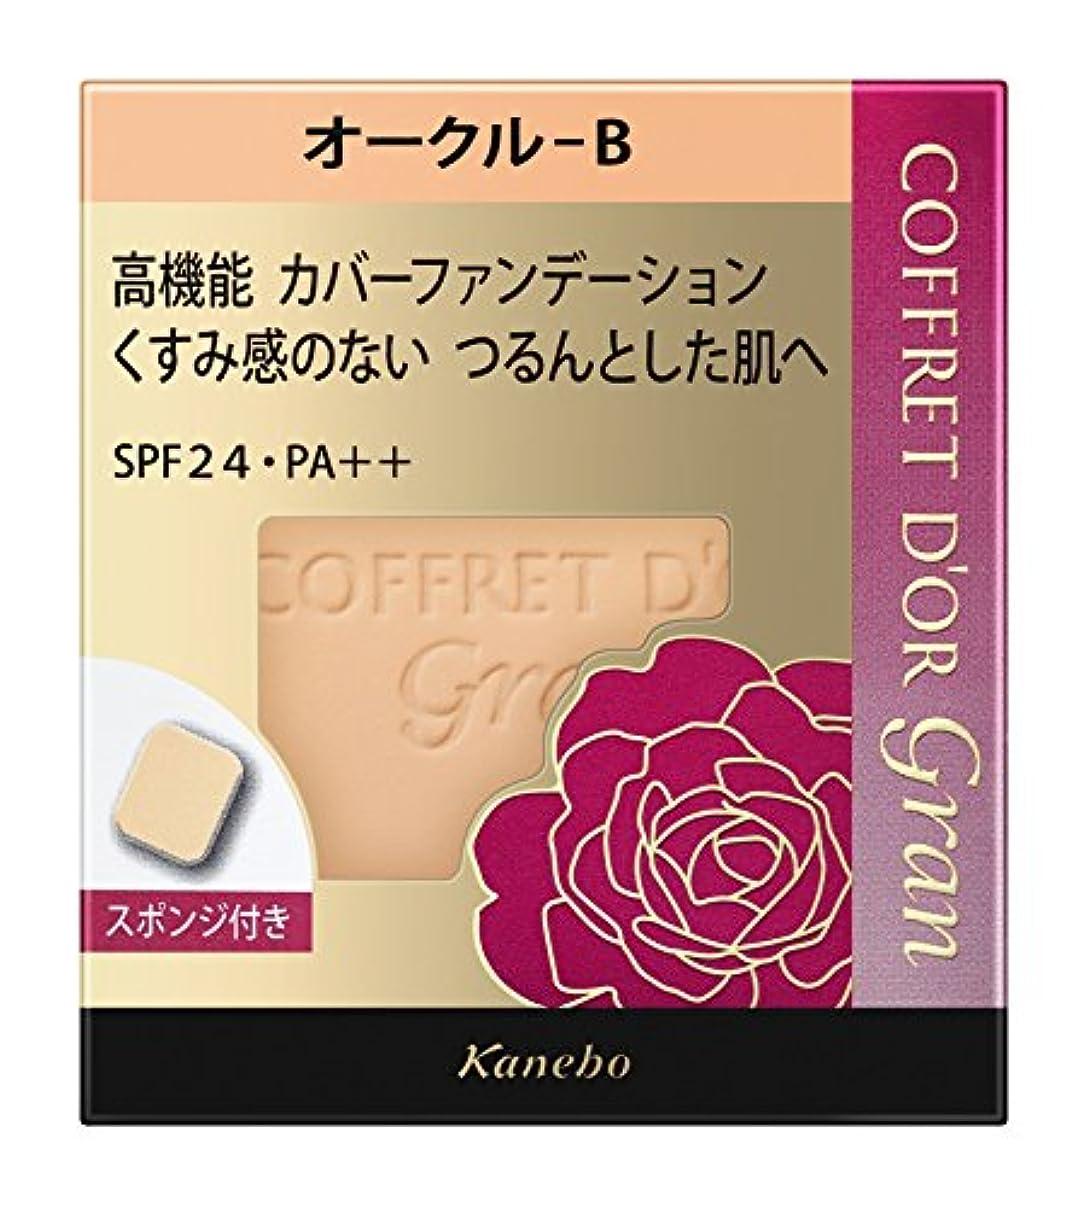 カメラお茶プロトタイプコフレドール グラン ファンデーション カバーフィットパクトUV2 オークルB SPF24/PA++ 10.5g